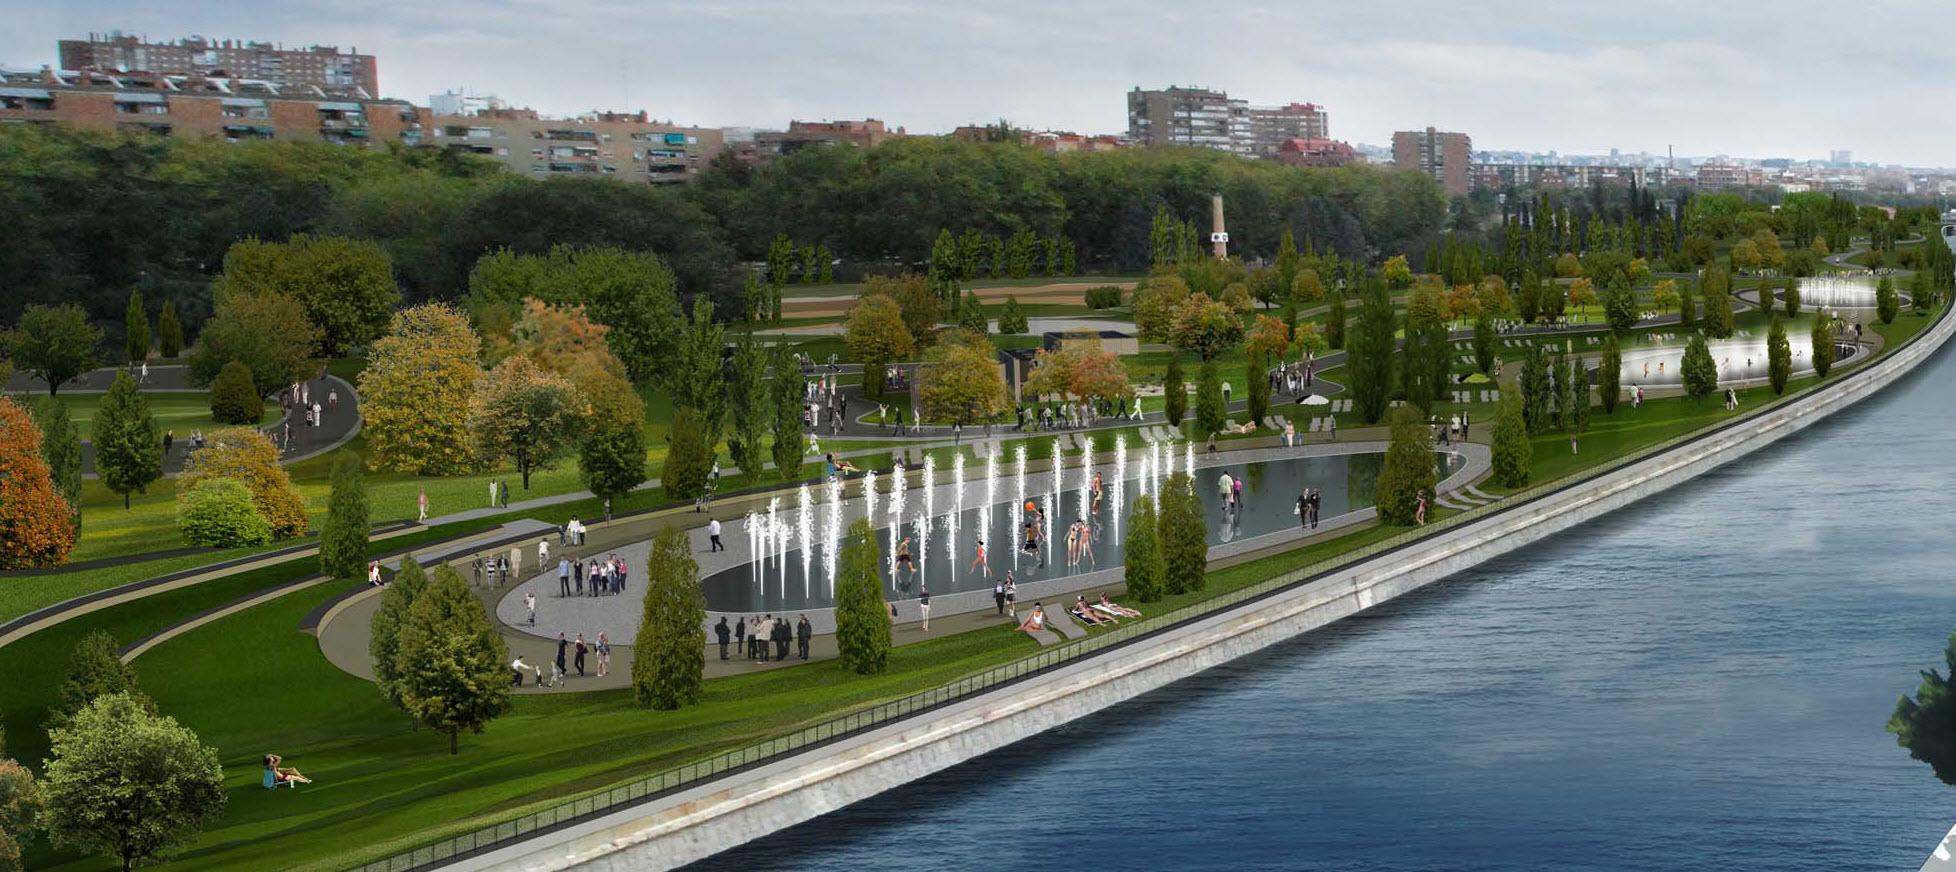 El río Manzanares y el Parque Naciona de Guadarramal:  Propuestas ciudadanas para el consejero de medio ambiente de la Comunidad de Madrid